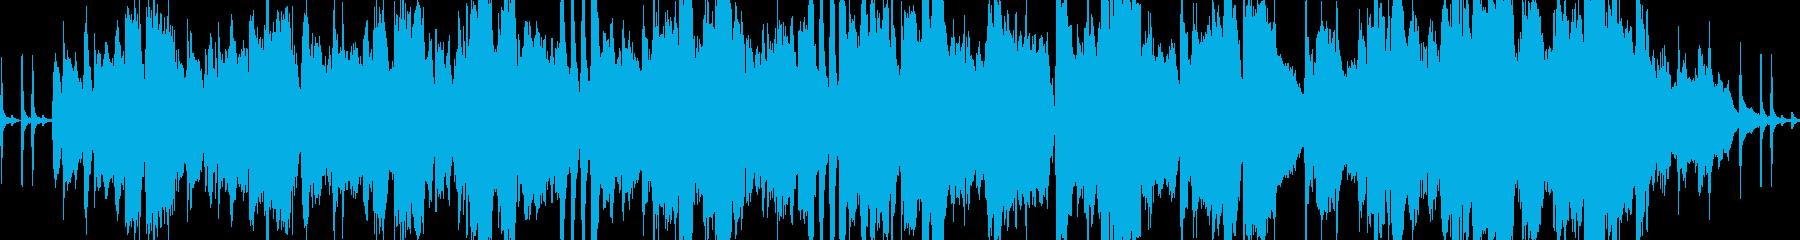 バイオリンの癒しクラシック四重奏ループ可の再生済みの波形